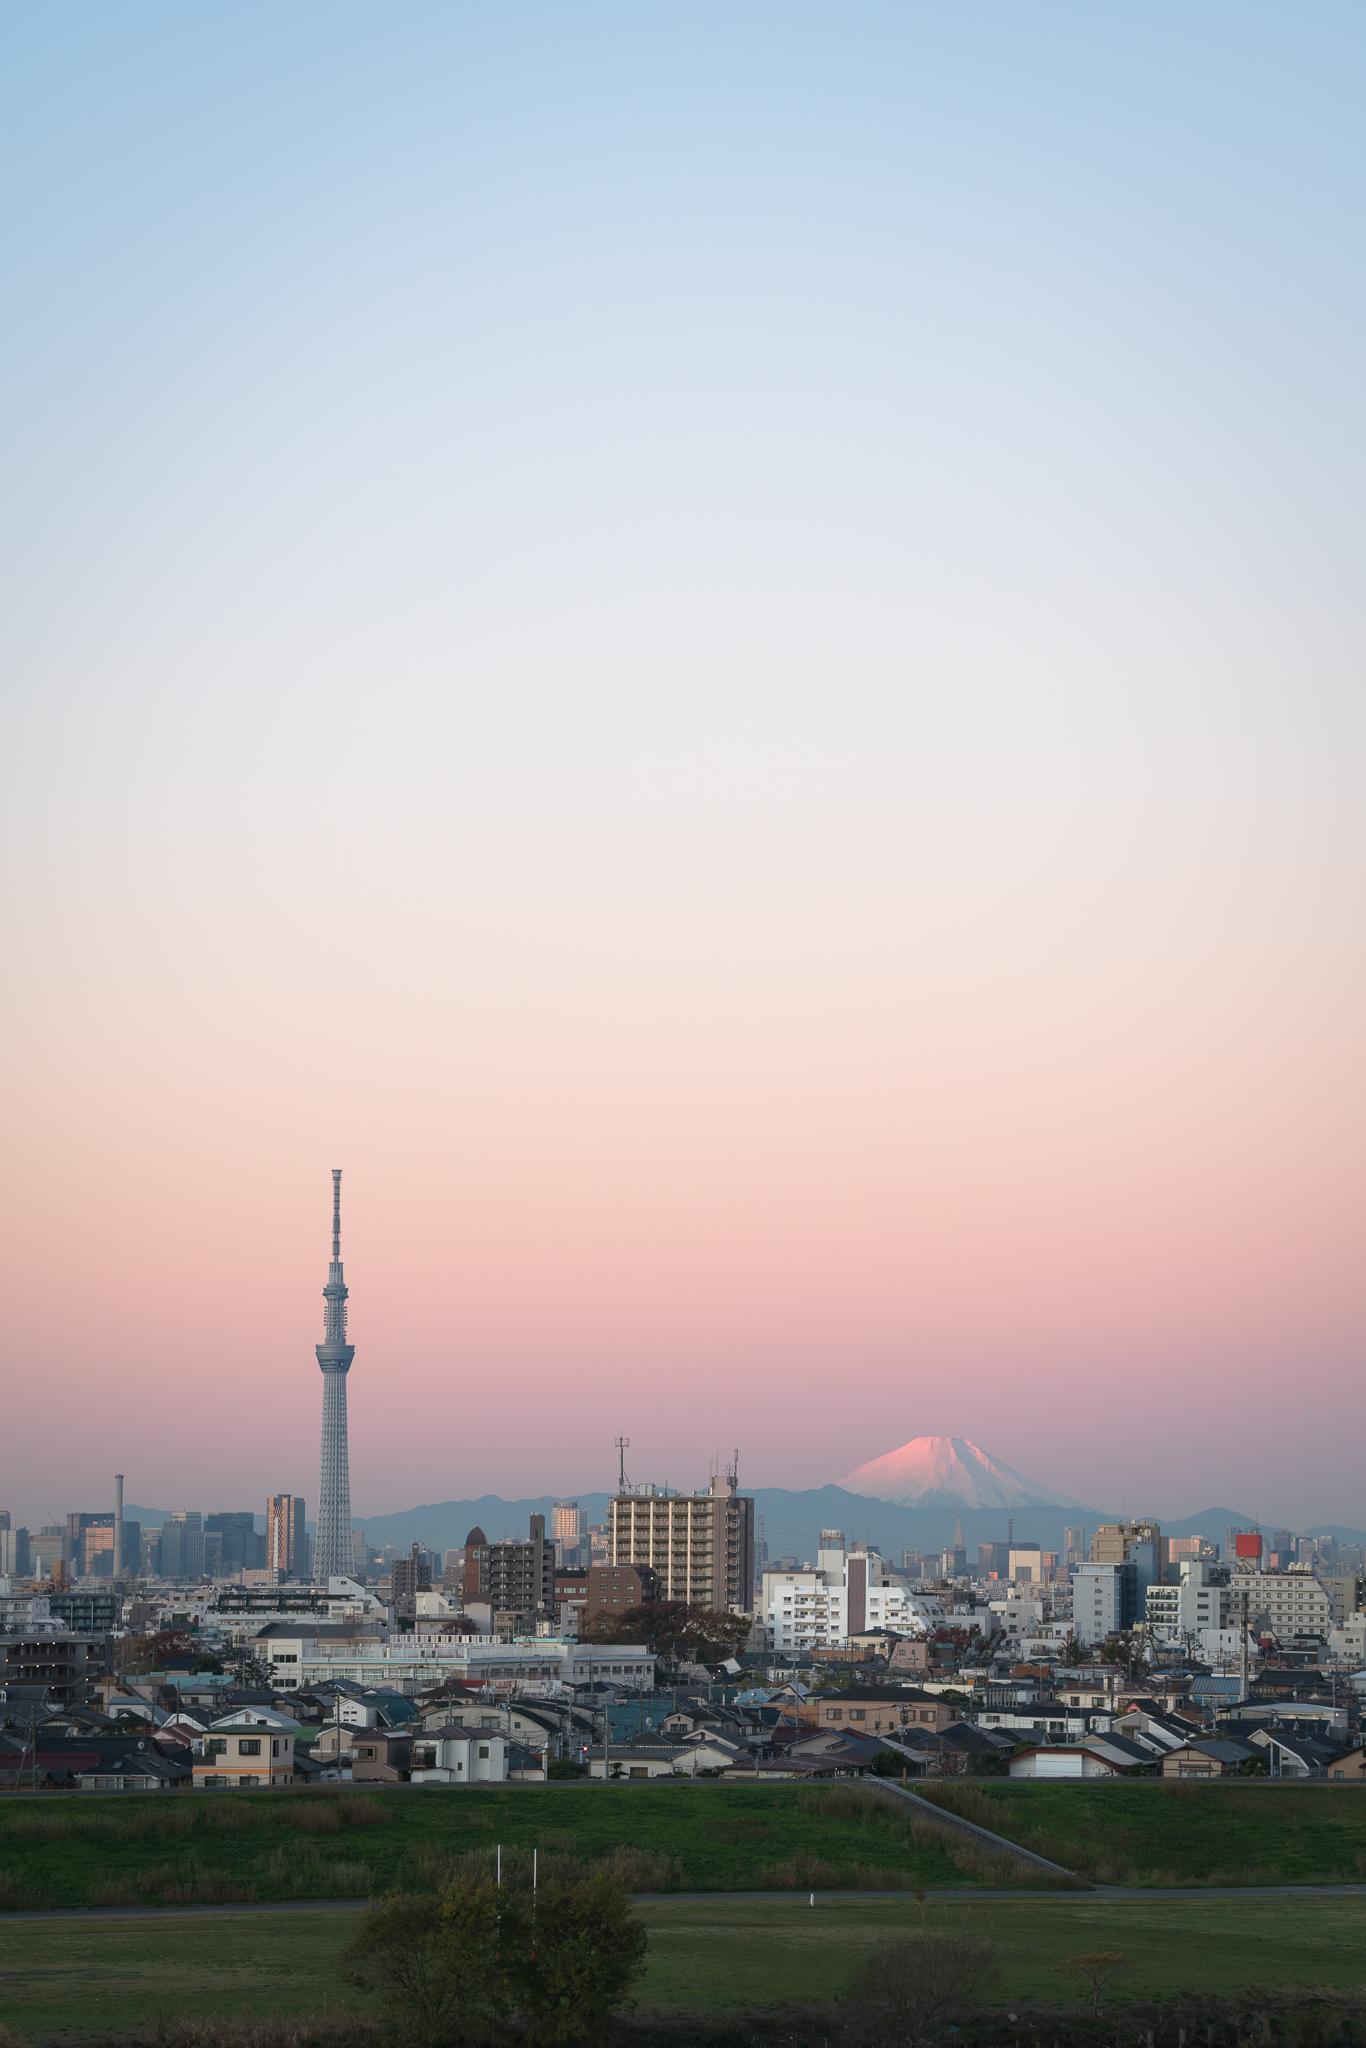 朝の空のグラデーション 2019年12月4日 里見公園より撮影